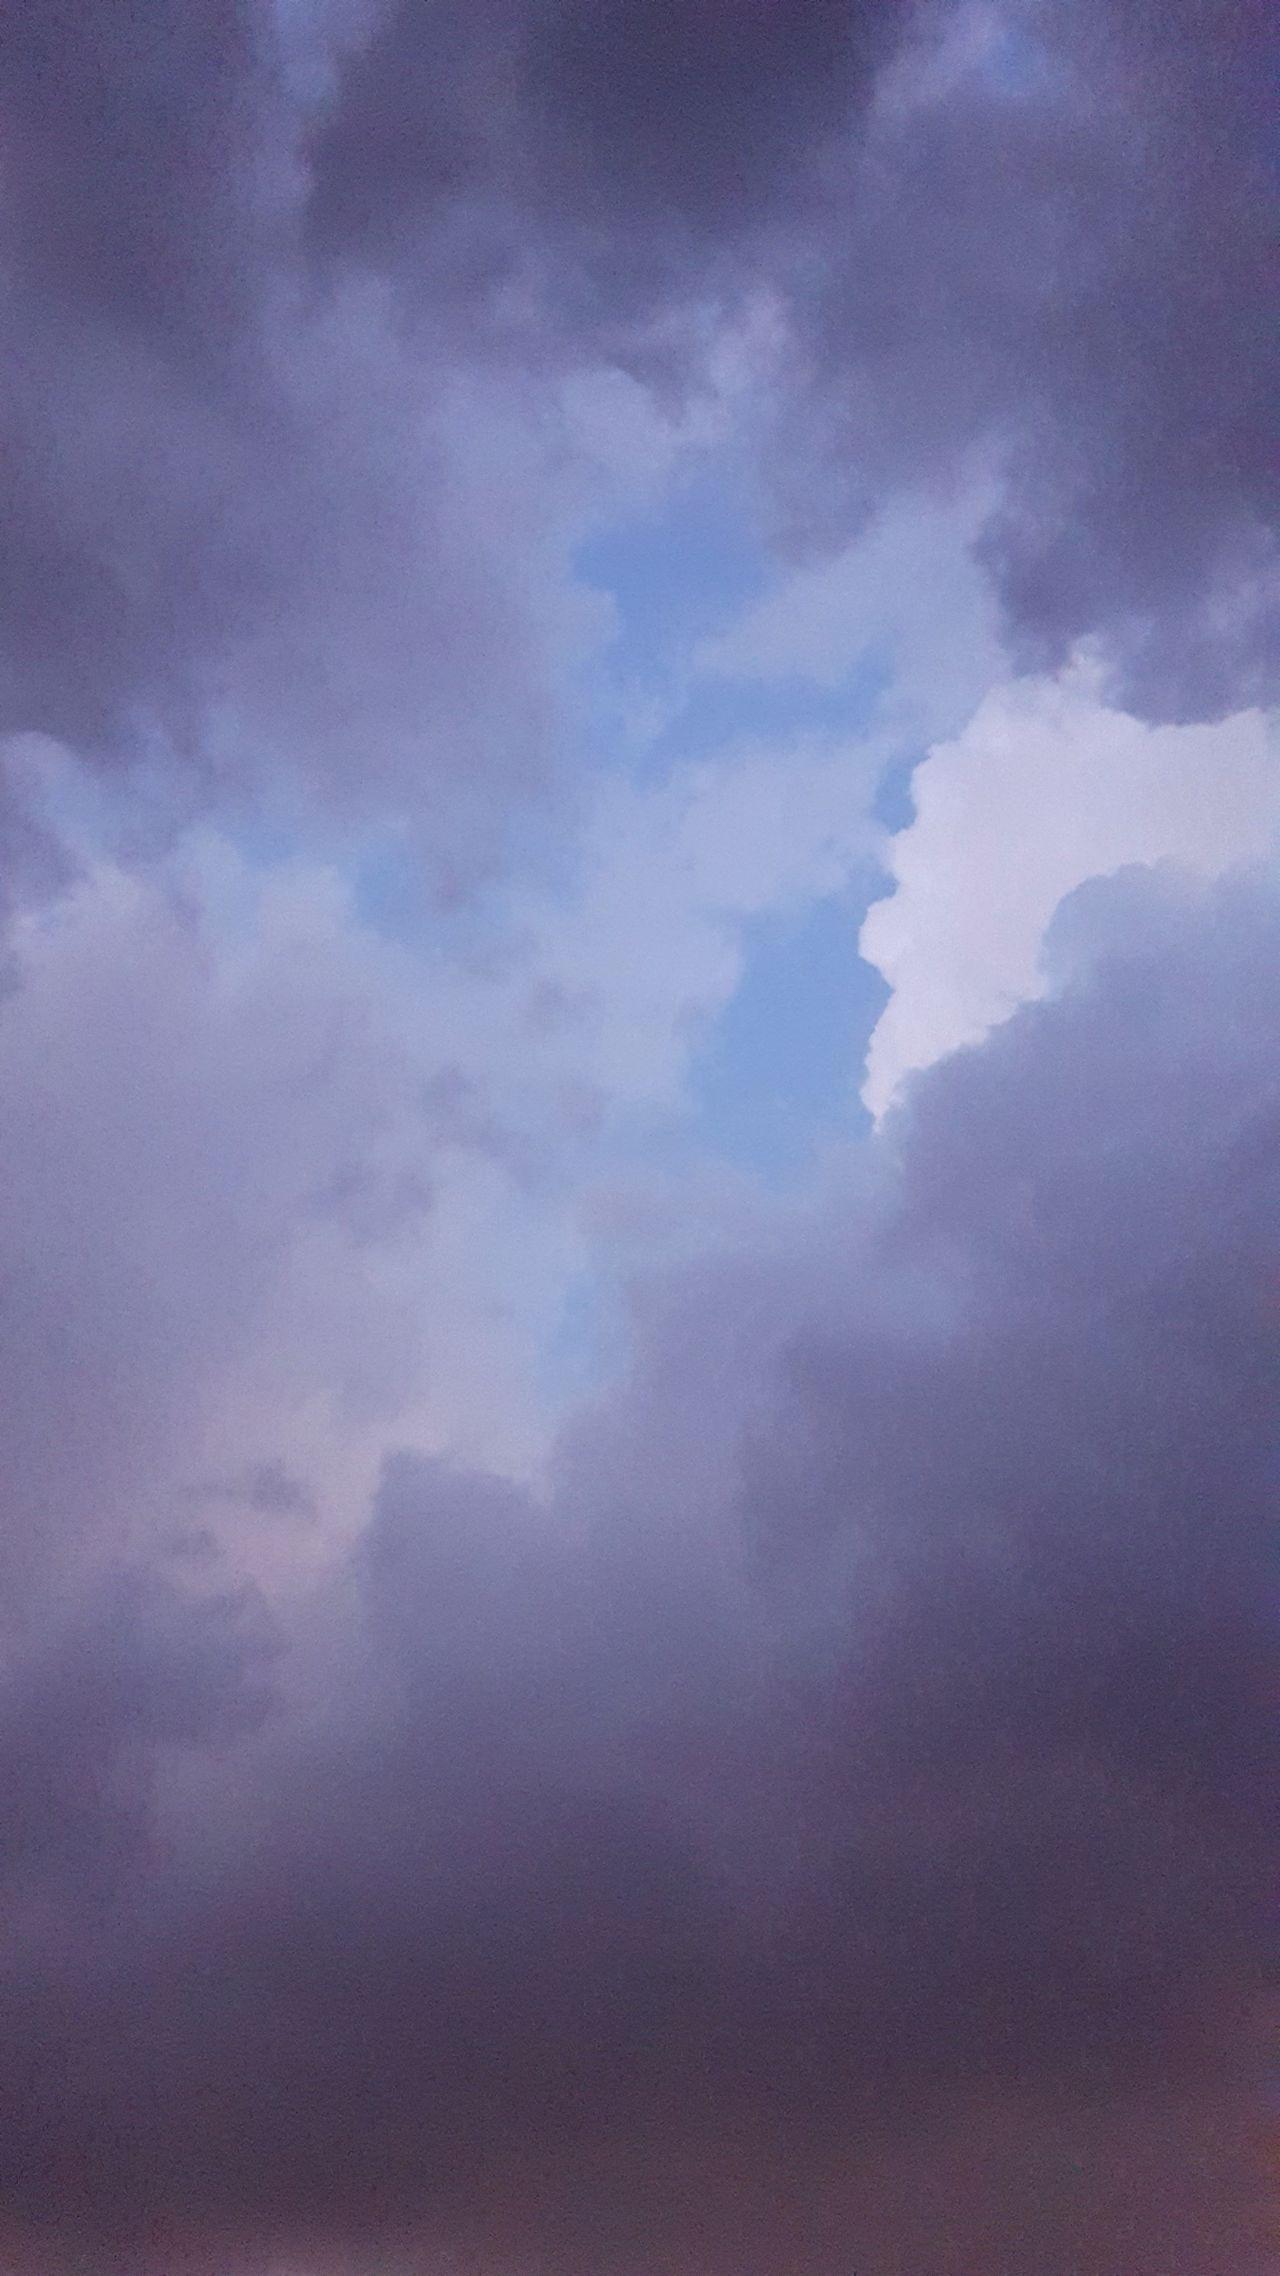 مطر💧☁ Sky Purple Cloud - Sky Backgrounds Nature No People Qatar Airways Qatar Qatarphoto1 Full Frame Beauty In Nature Outdoors Galaxy Day